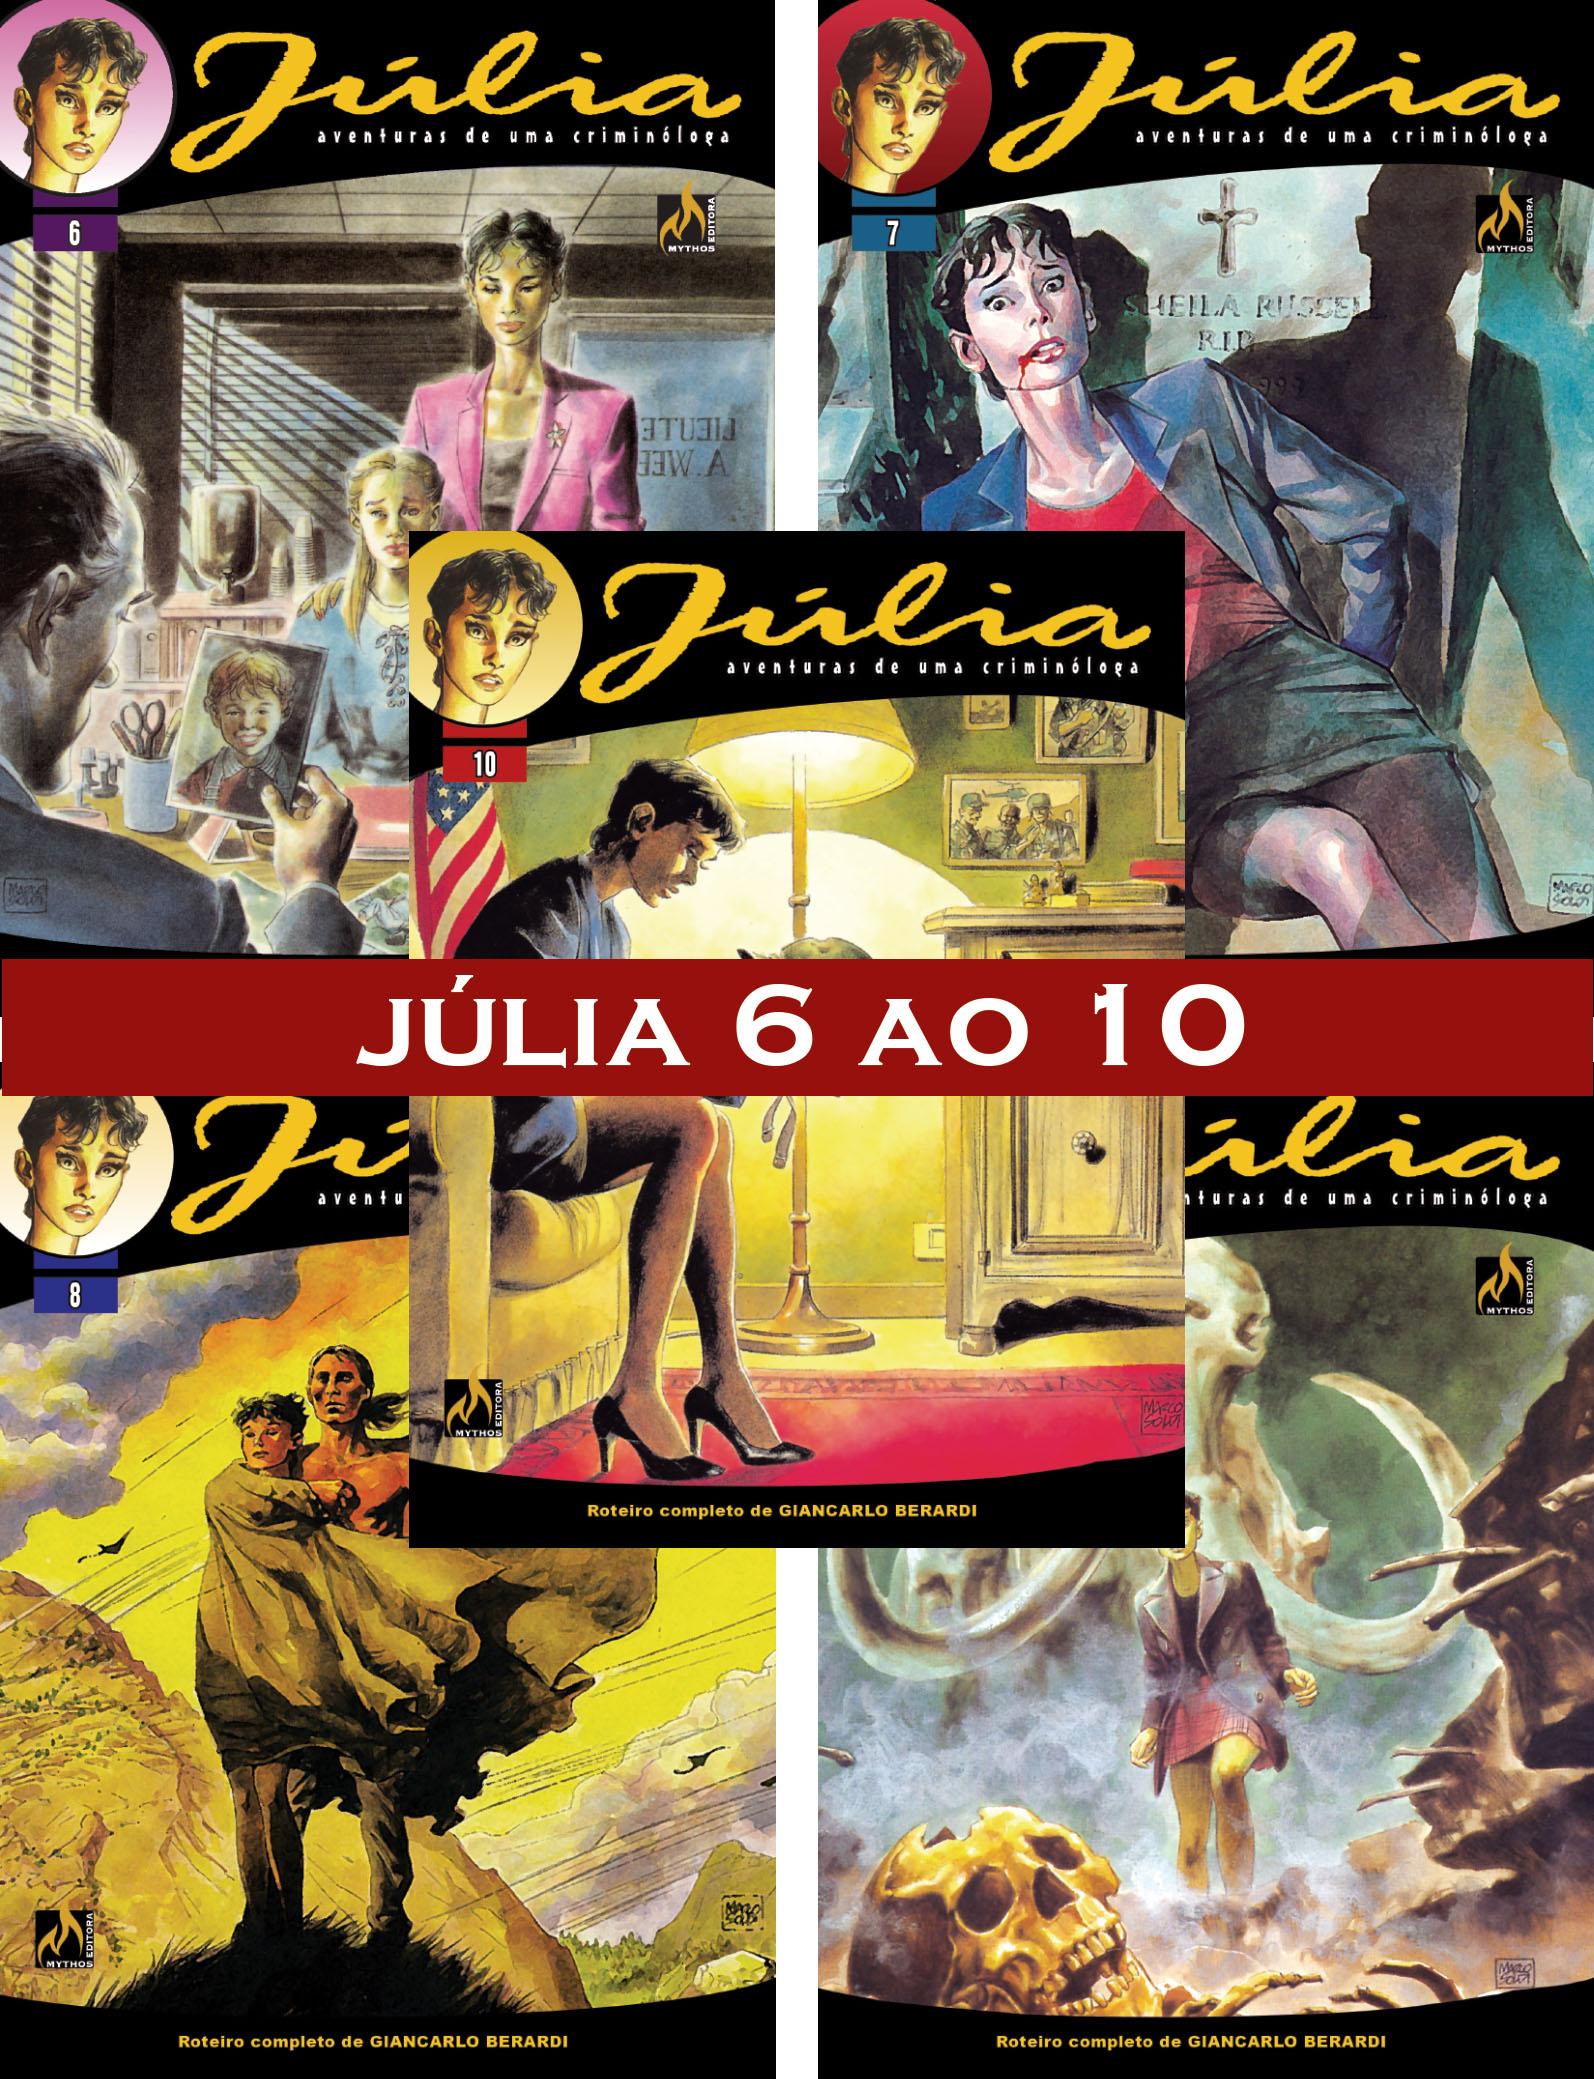 PACOTE ESPECIAL JÚLIA DO 6 AO 10